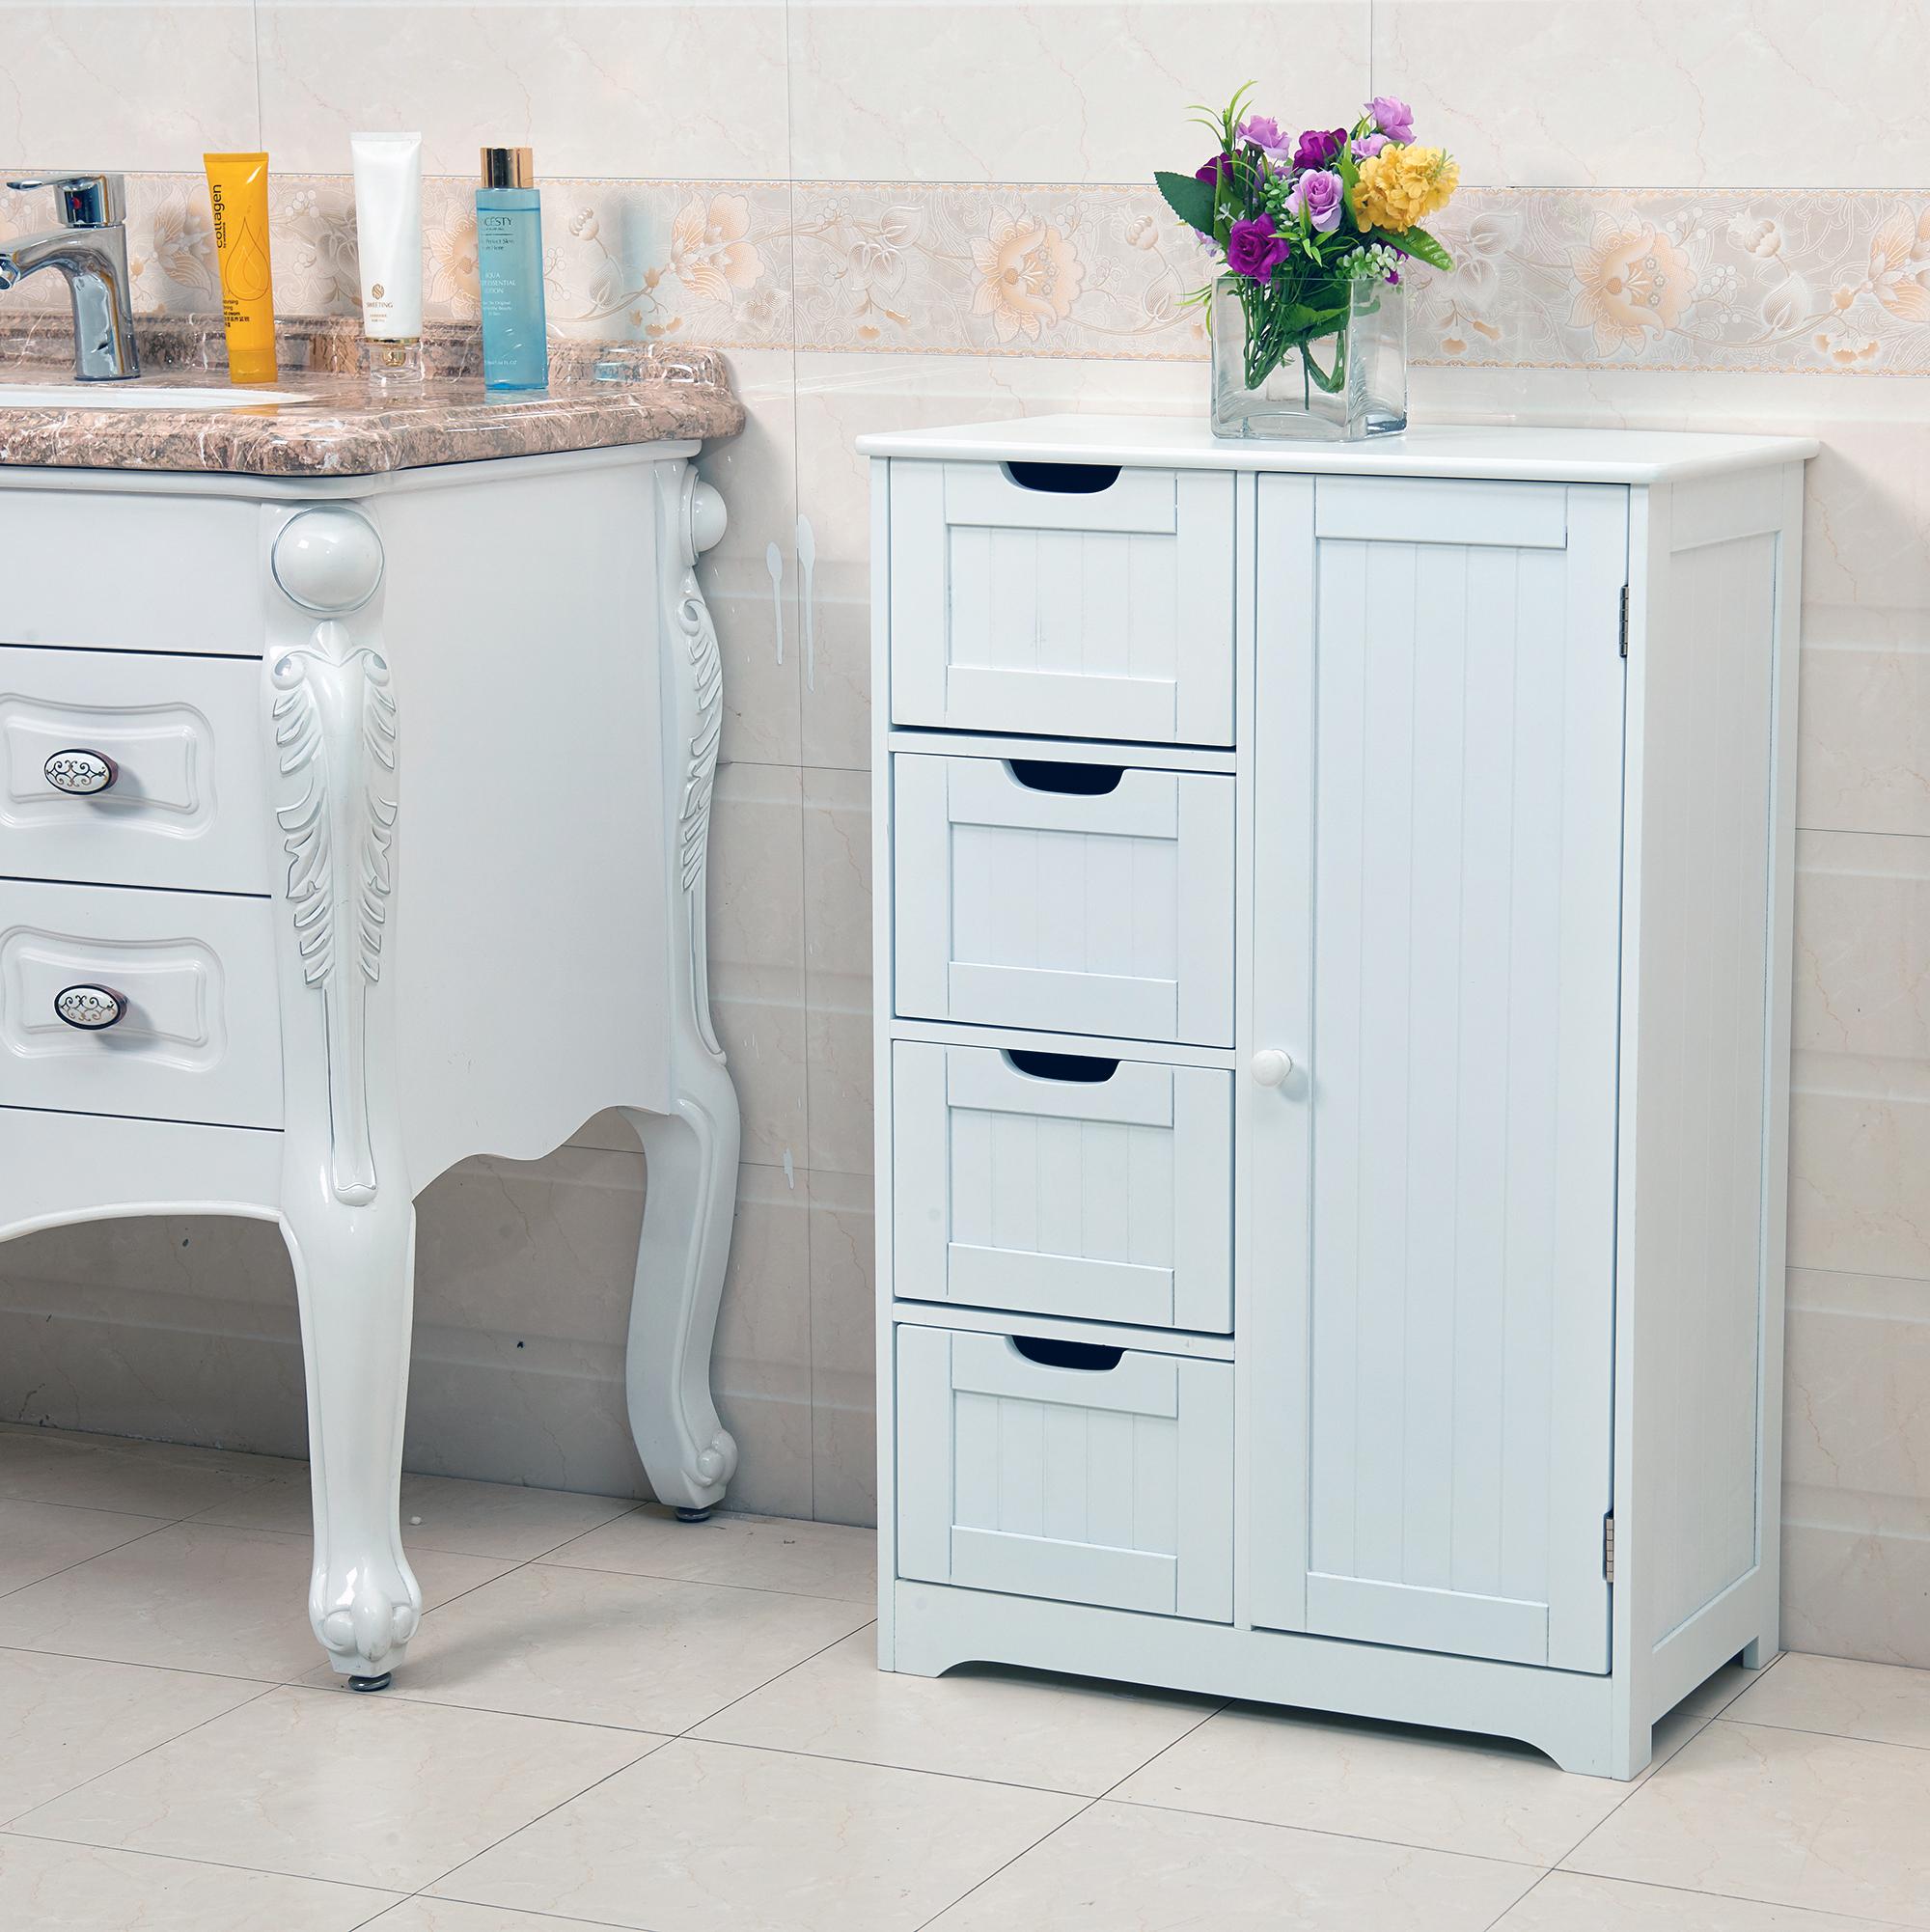 White Wooden 4 Drawer Bathroom Storage Cupboard Cabinet Free ...